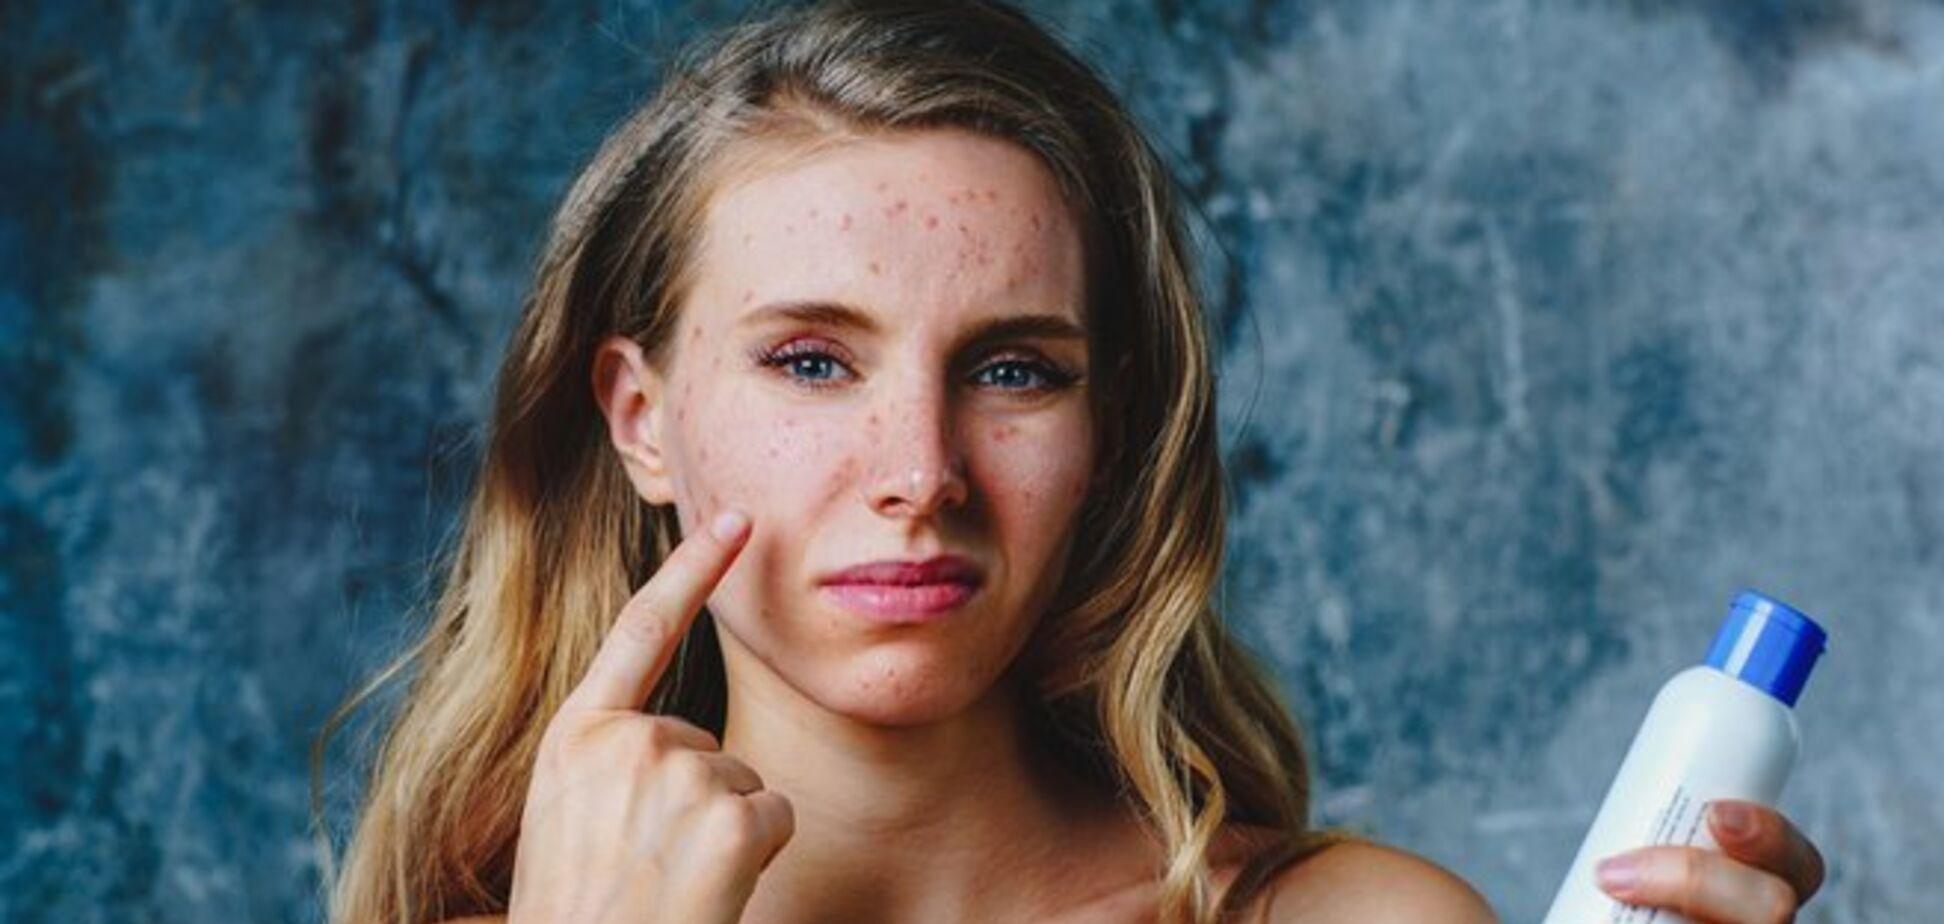 Аллергия на косметику: из-за чего появляется и как ее предотвратить